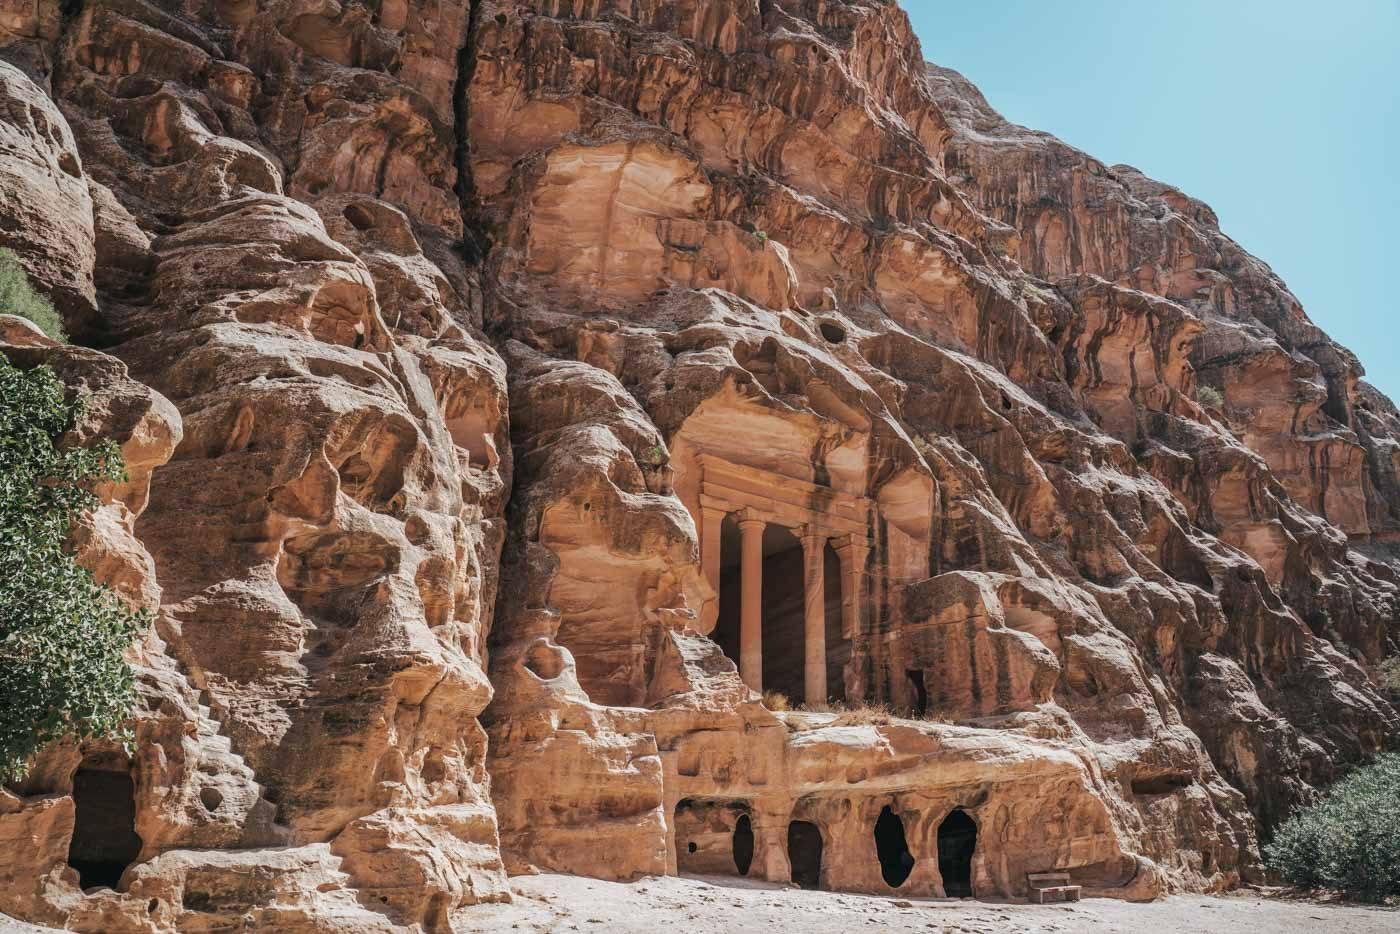 Rock carved settlements in Little Petra, Jordan